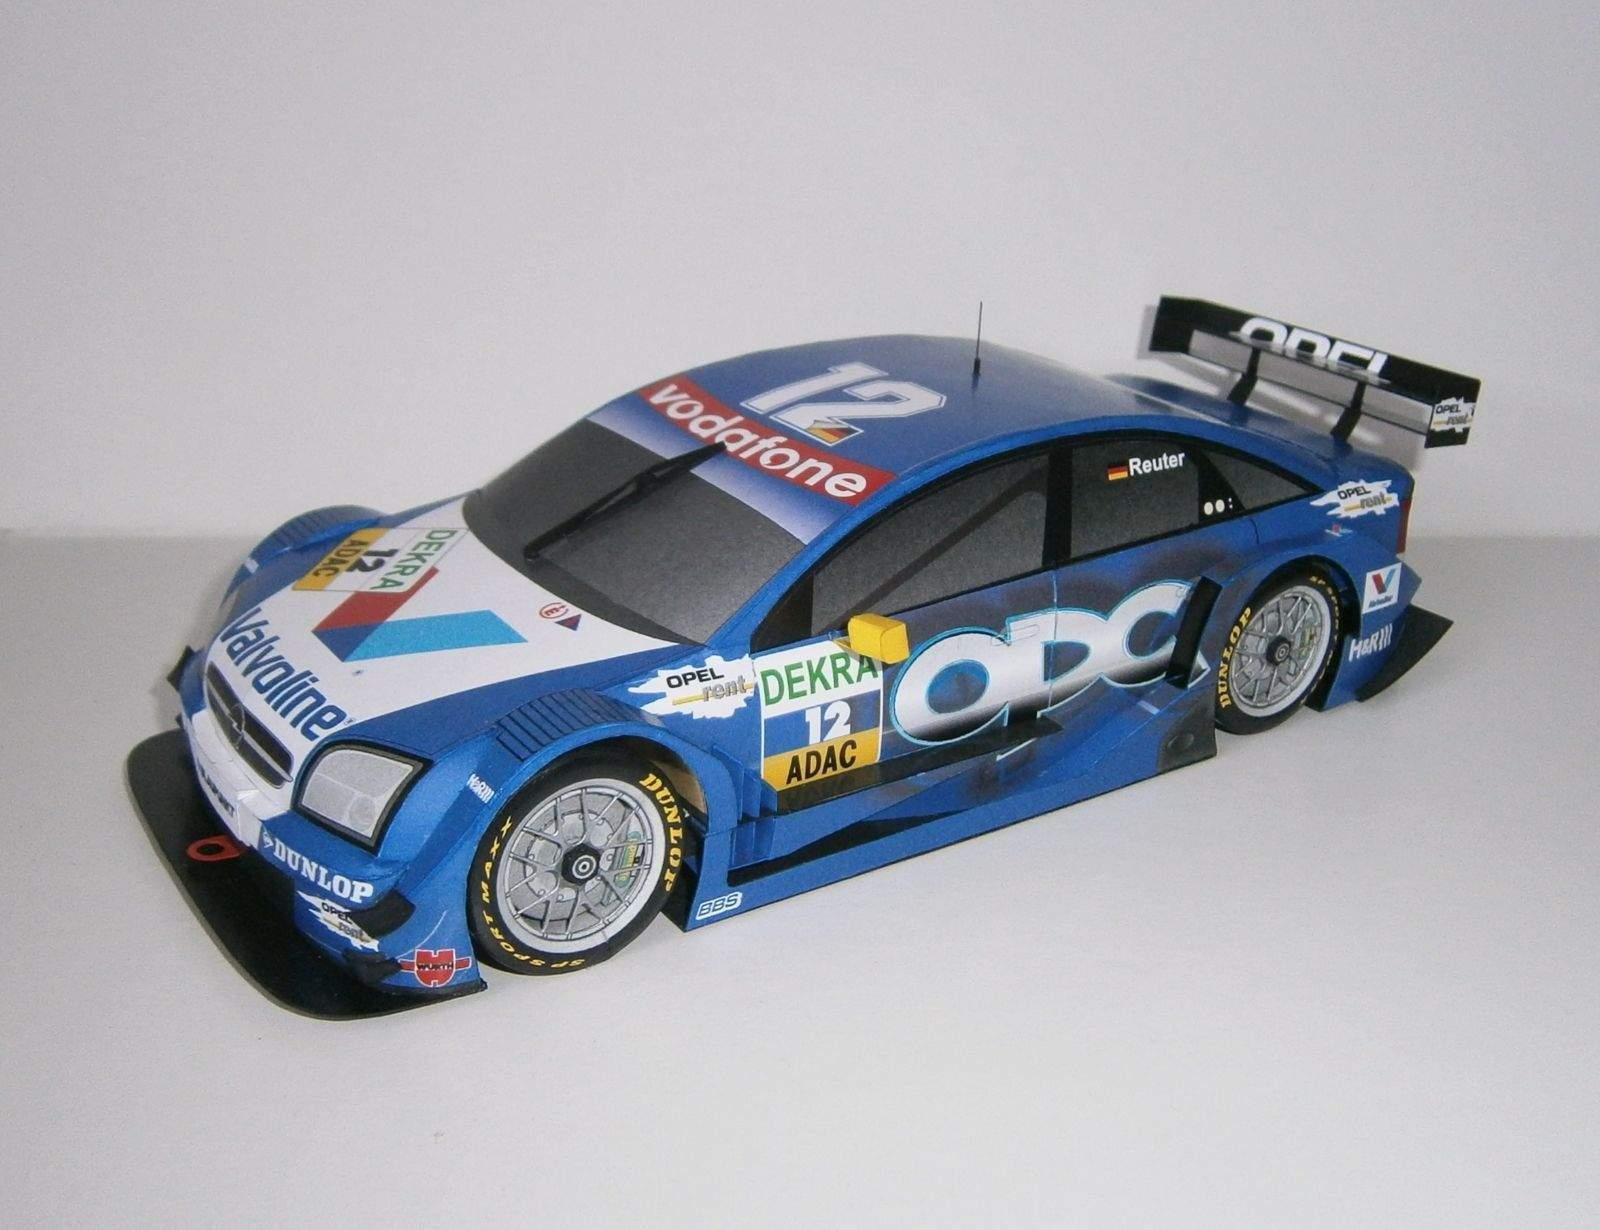 Opel Vectra GTS V8 - Team OPC Valvoline DTM 2005